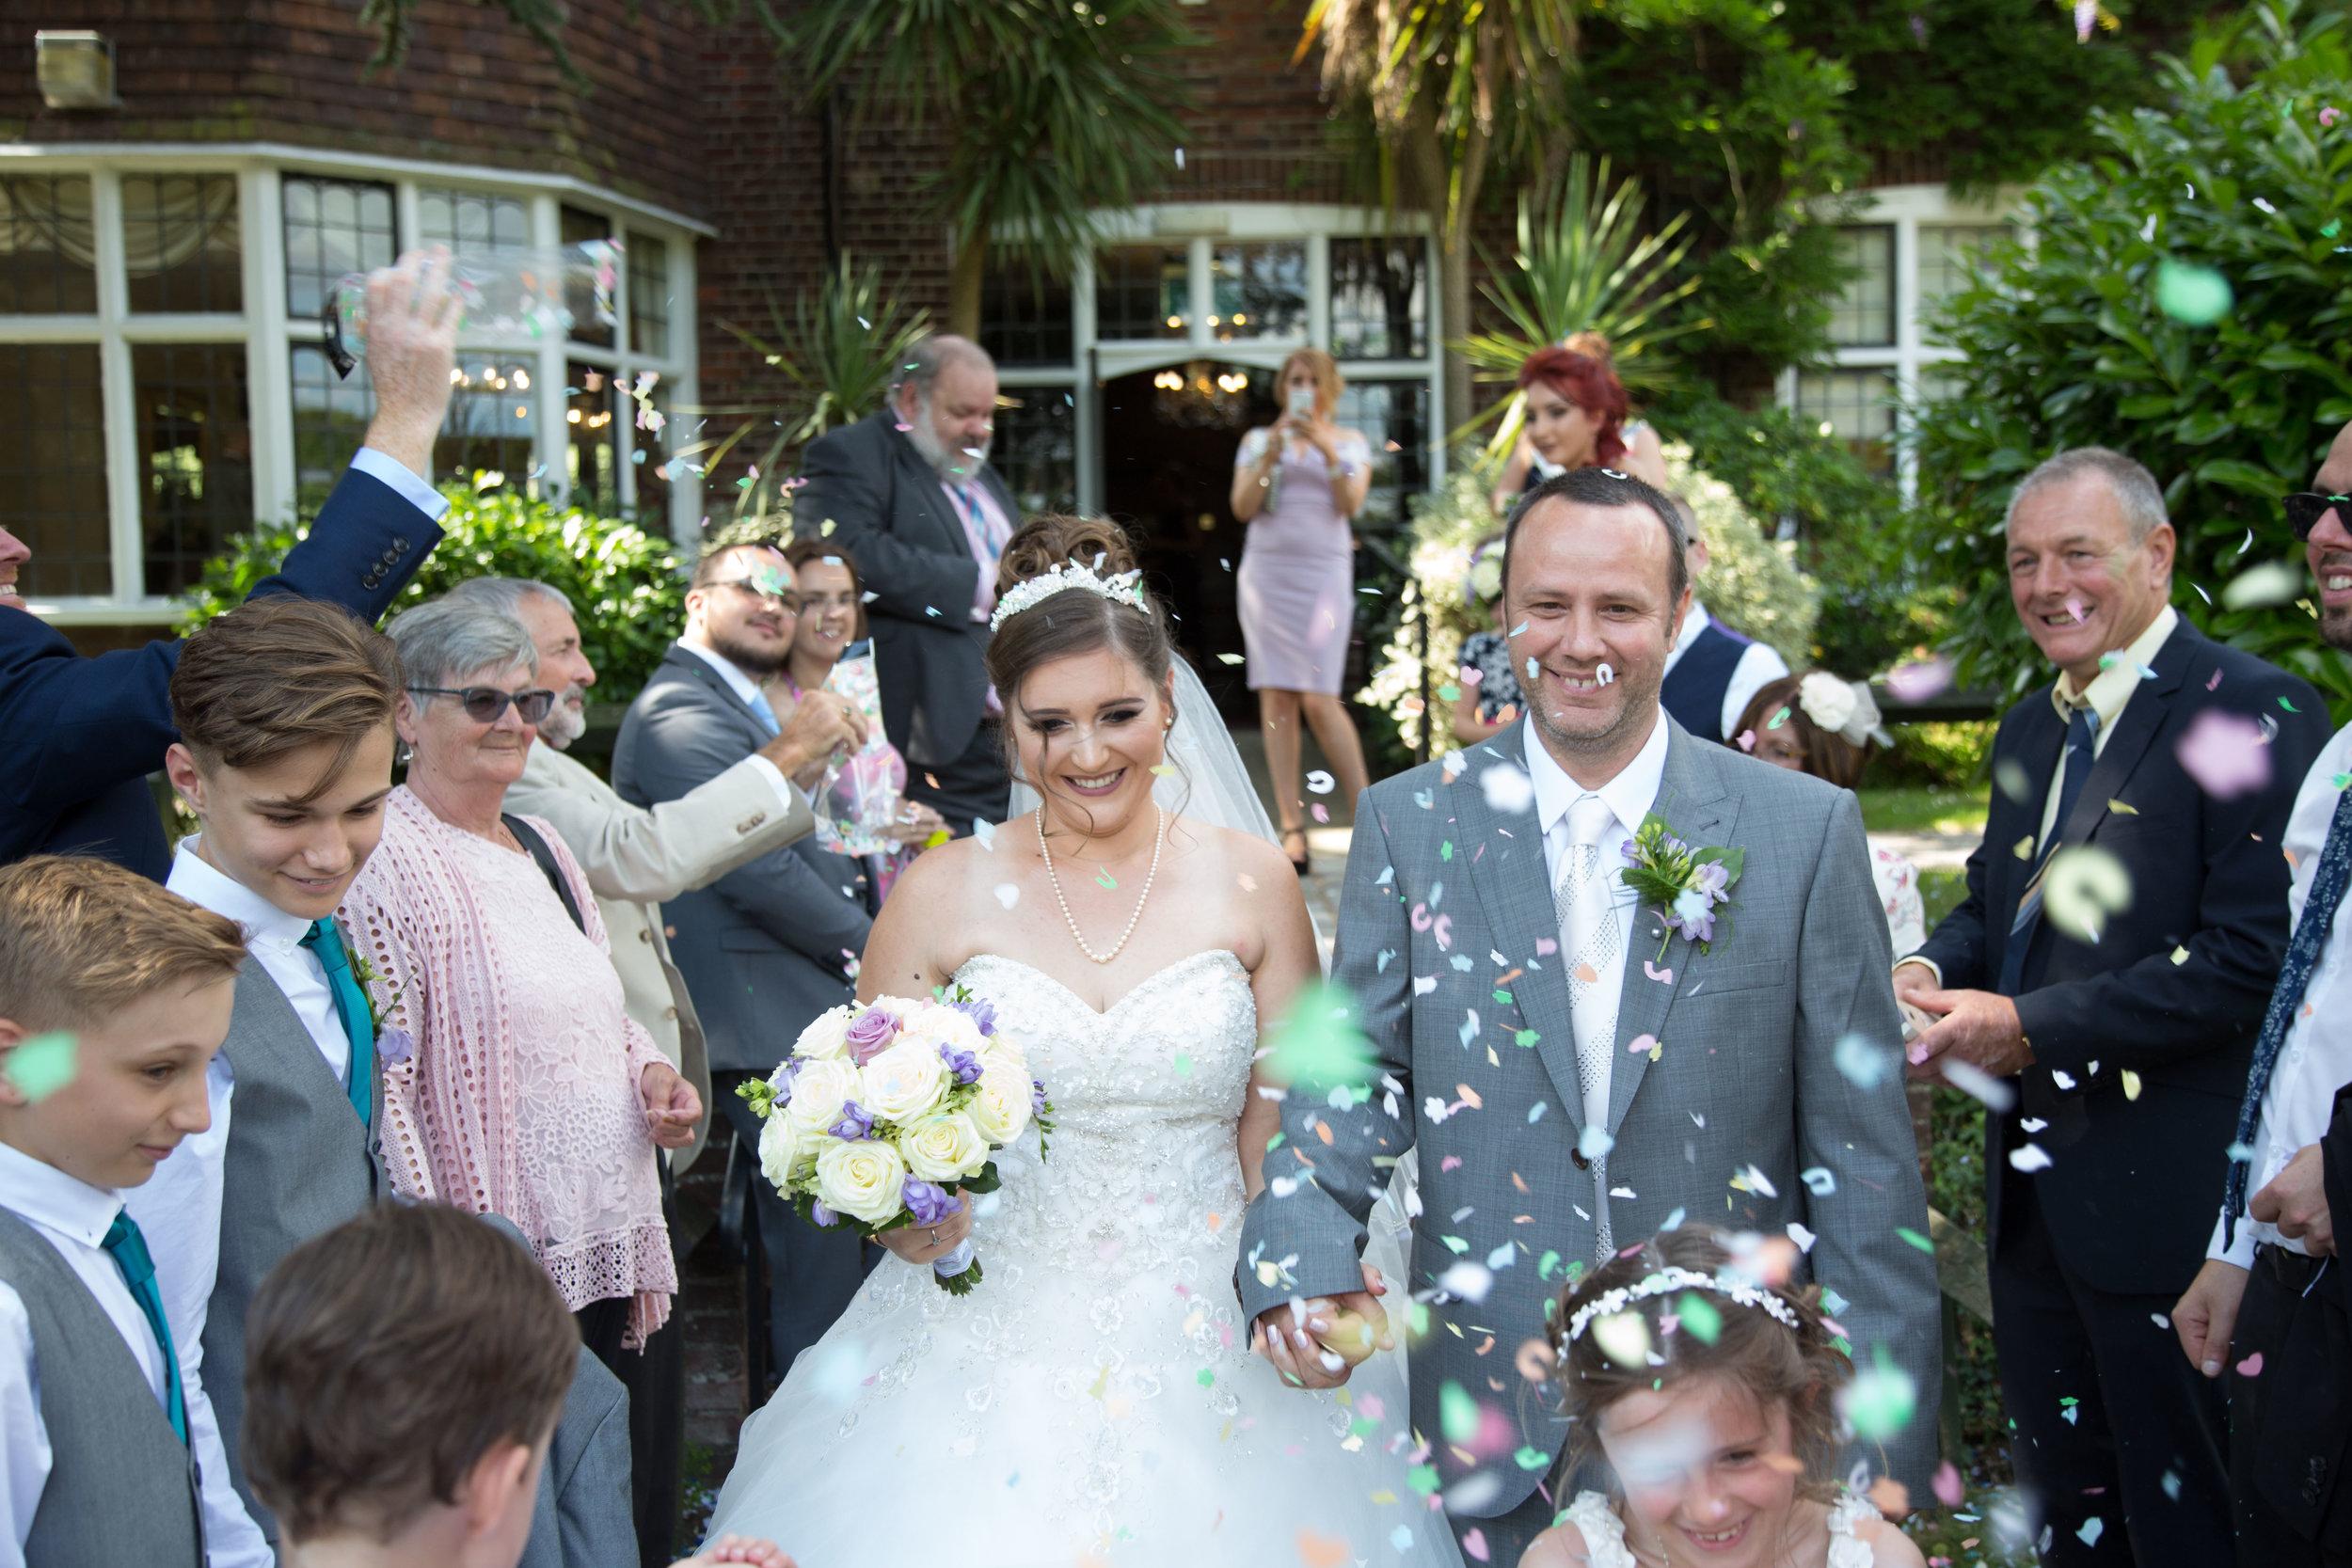 HamptonCourt-Wedding-Weybridge-Surrey-London-OatlandsParkHotel-35